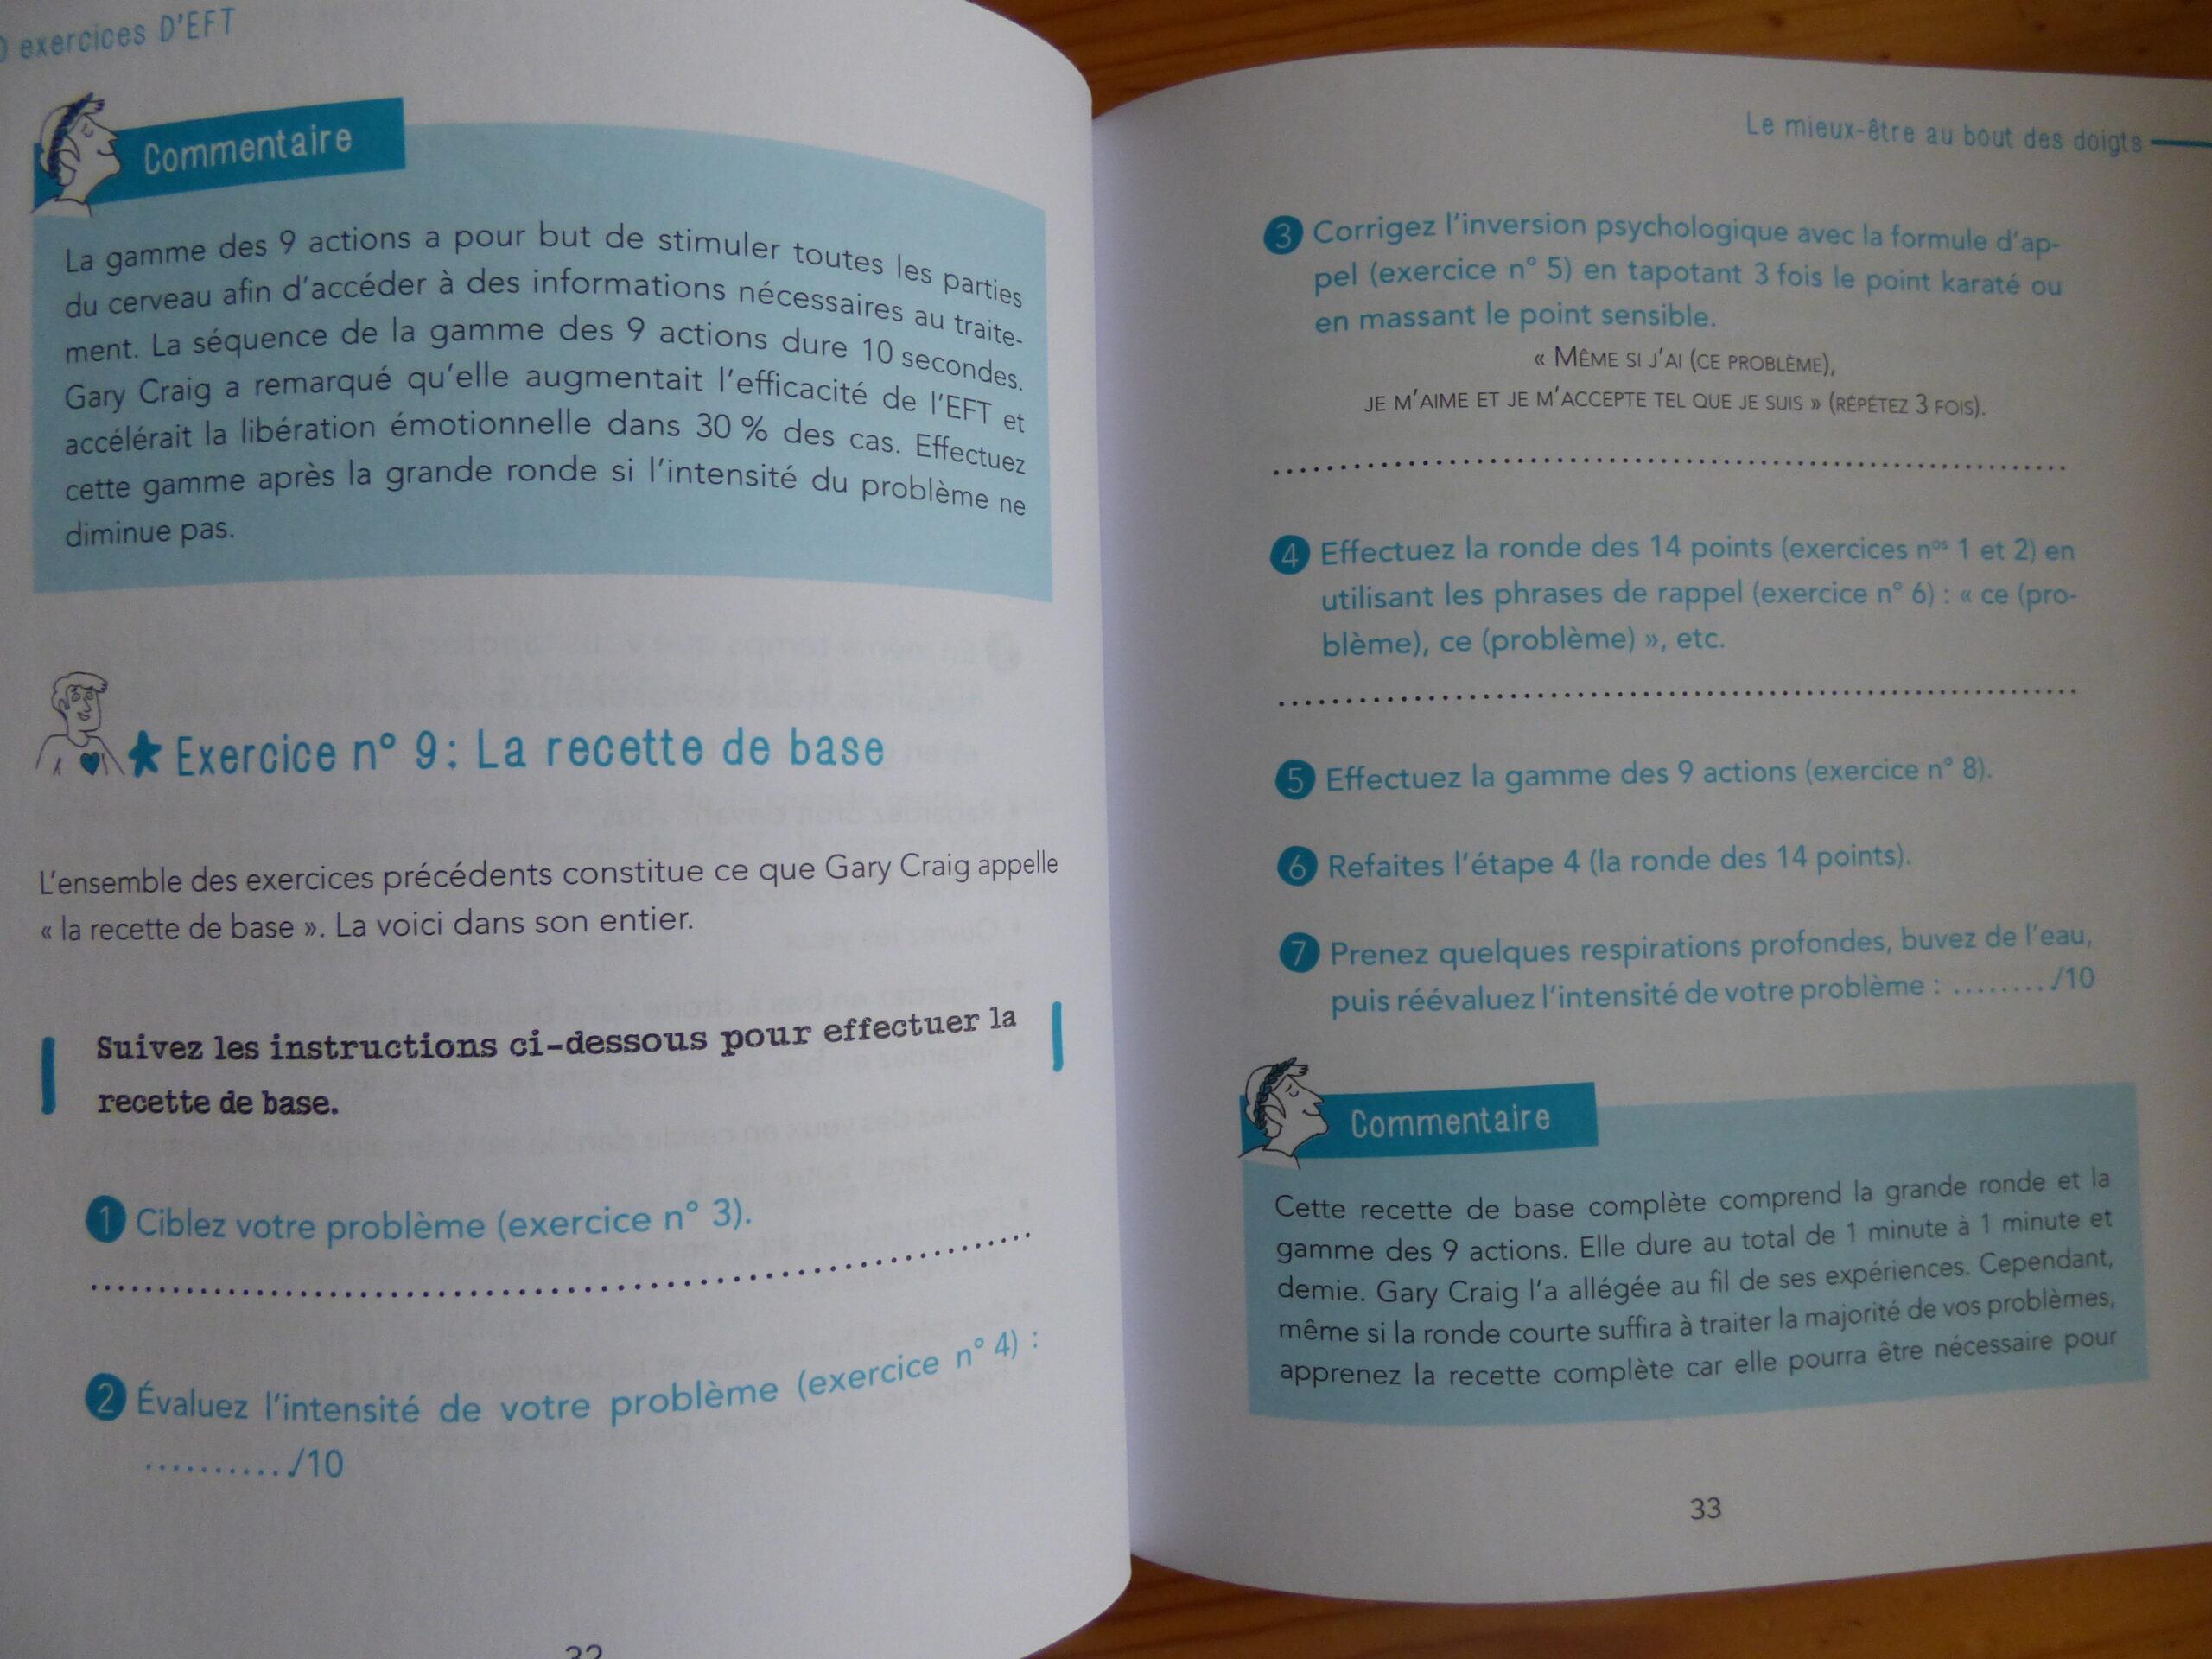 Extrait du livre 50 exercices d'EFT